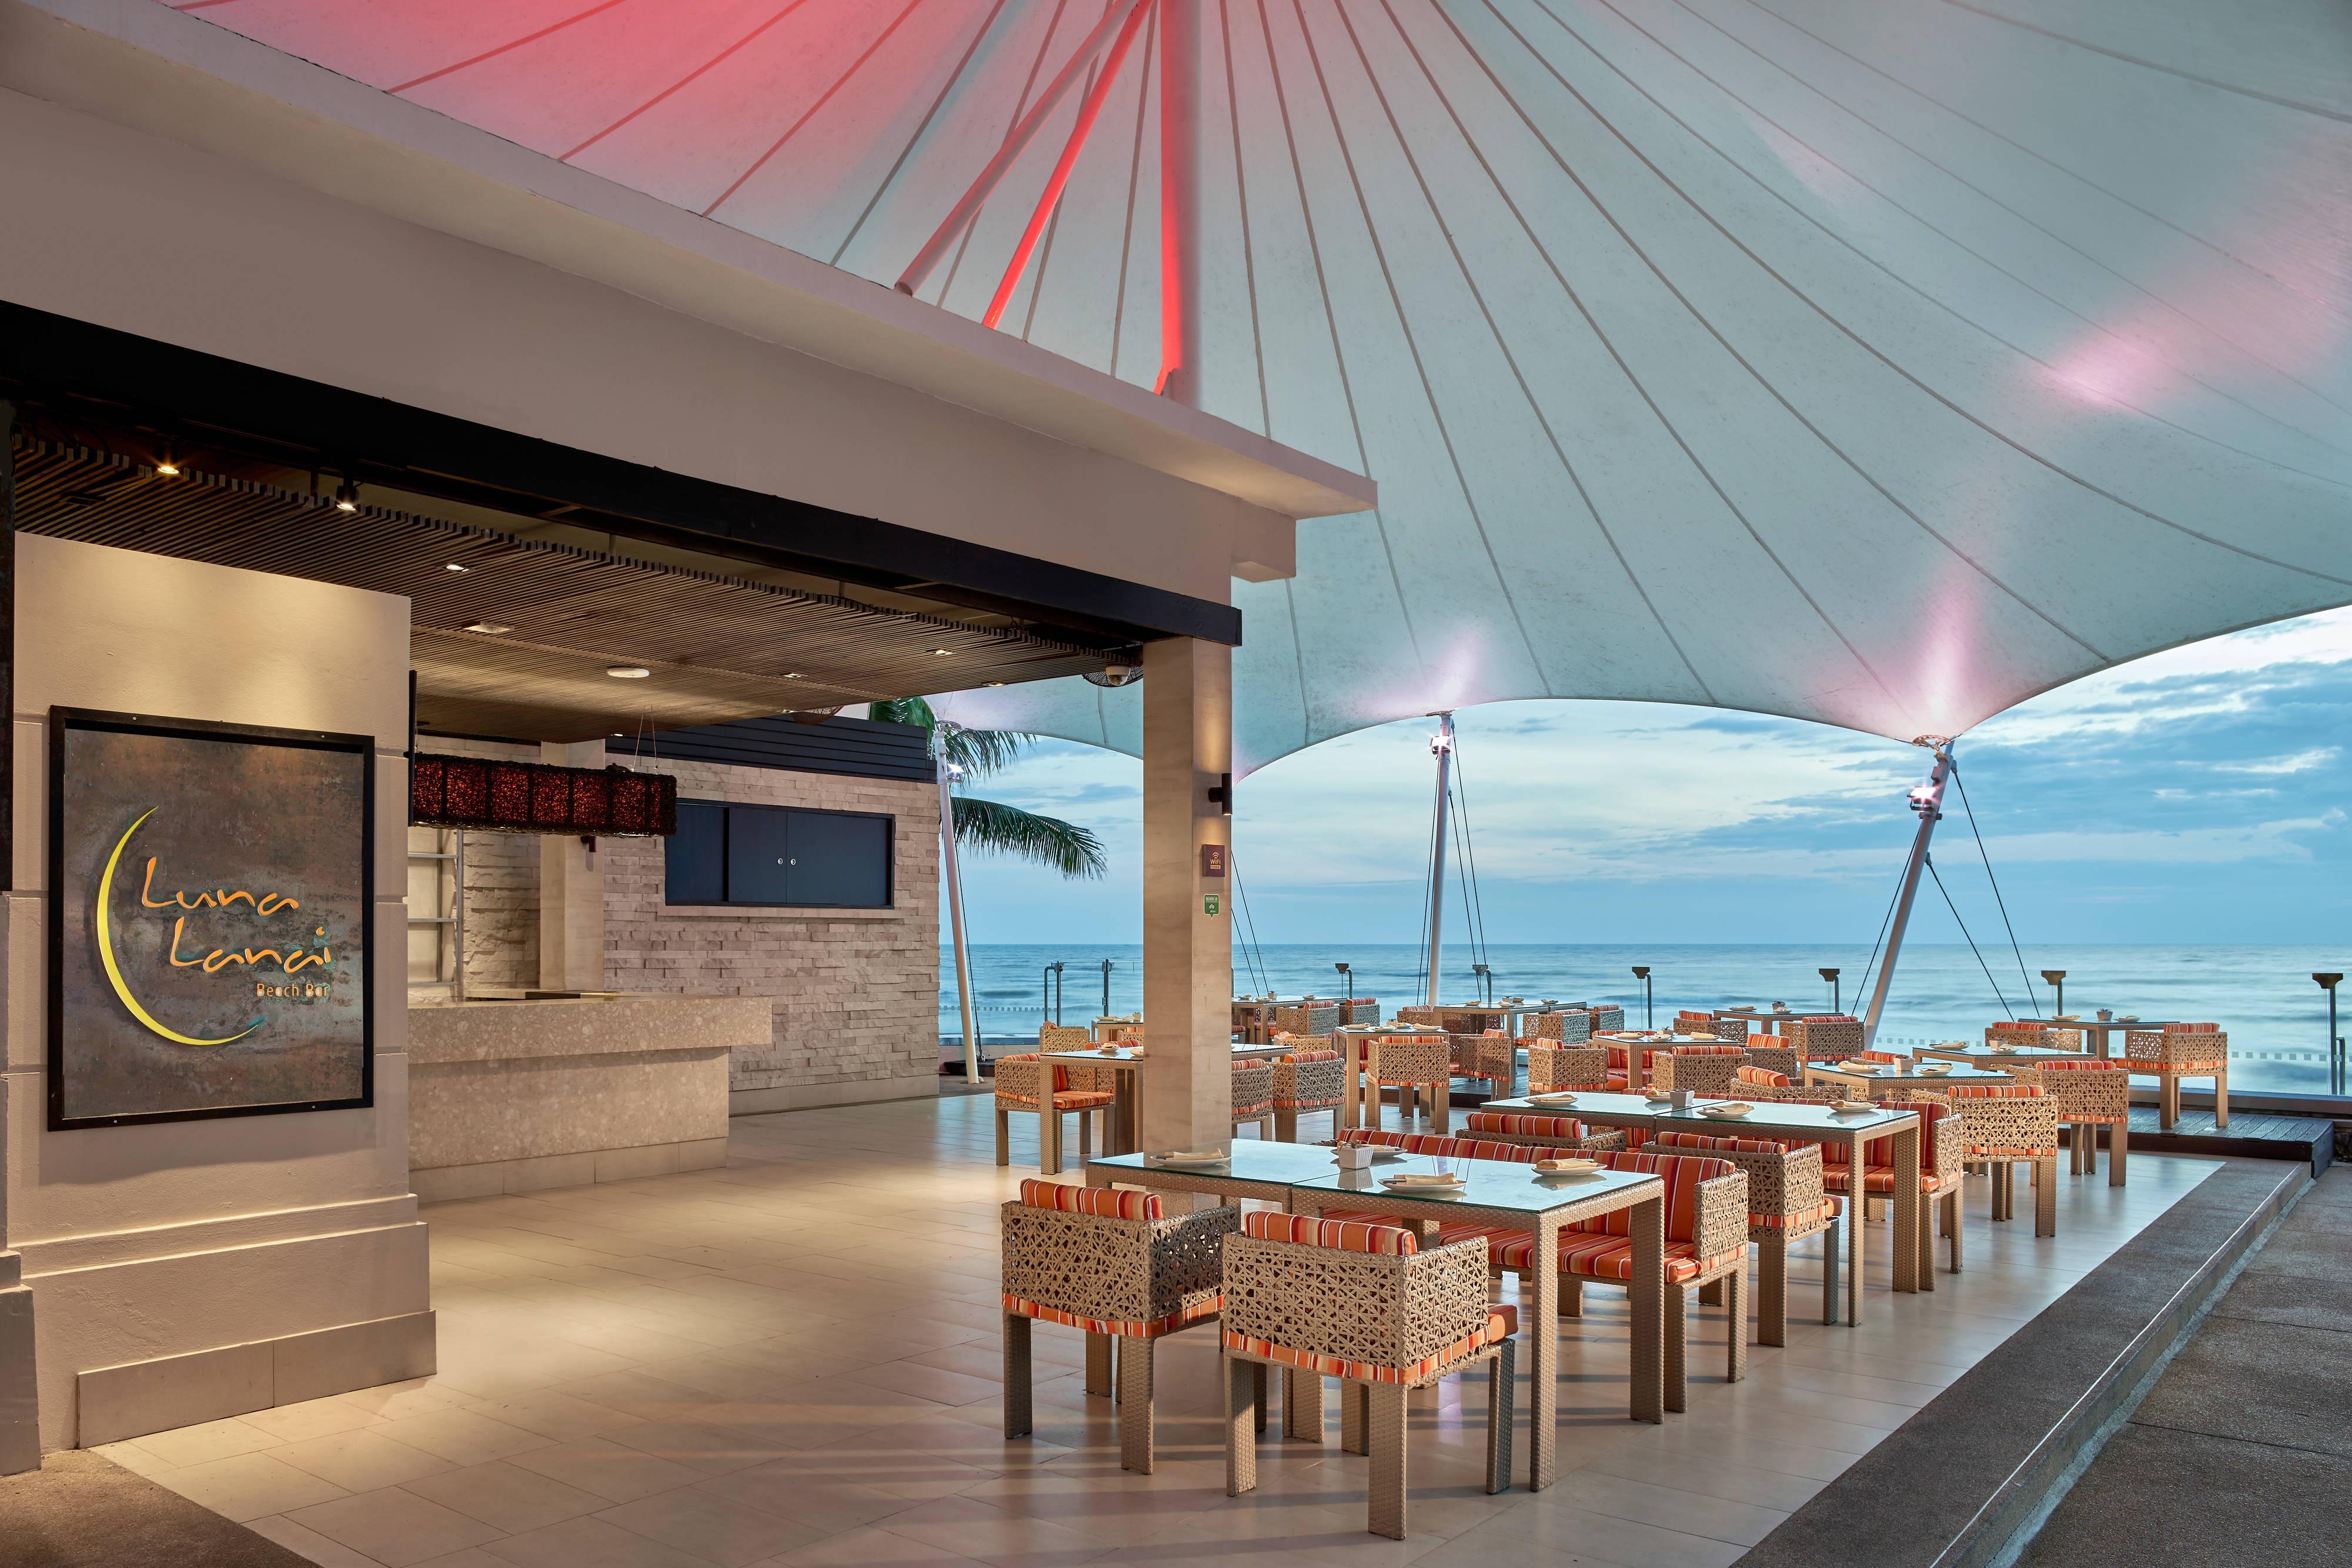 Espace repas en plein air du restaurant Luna Lanai au bord de l'eau